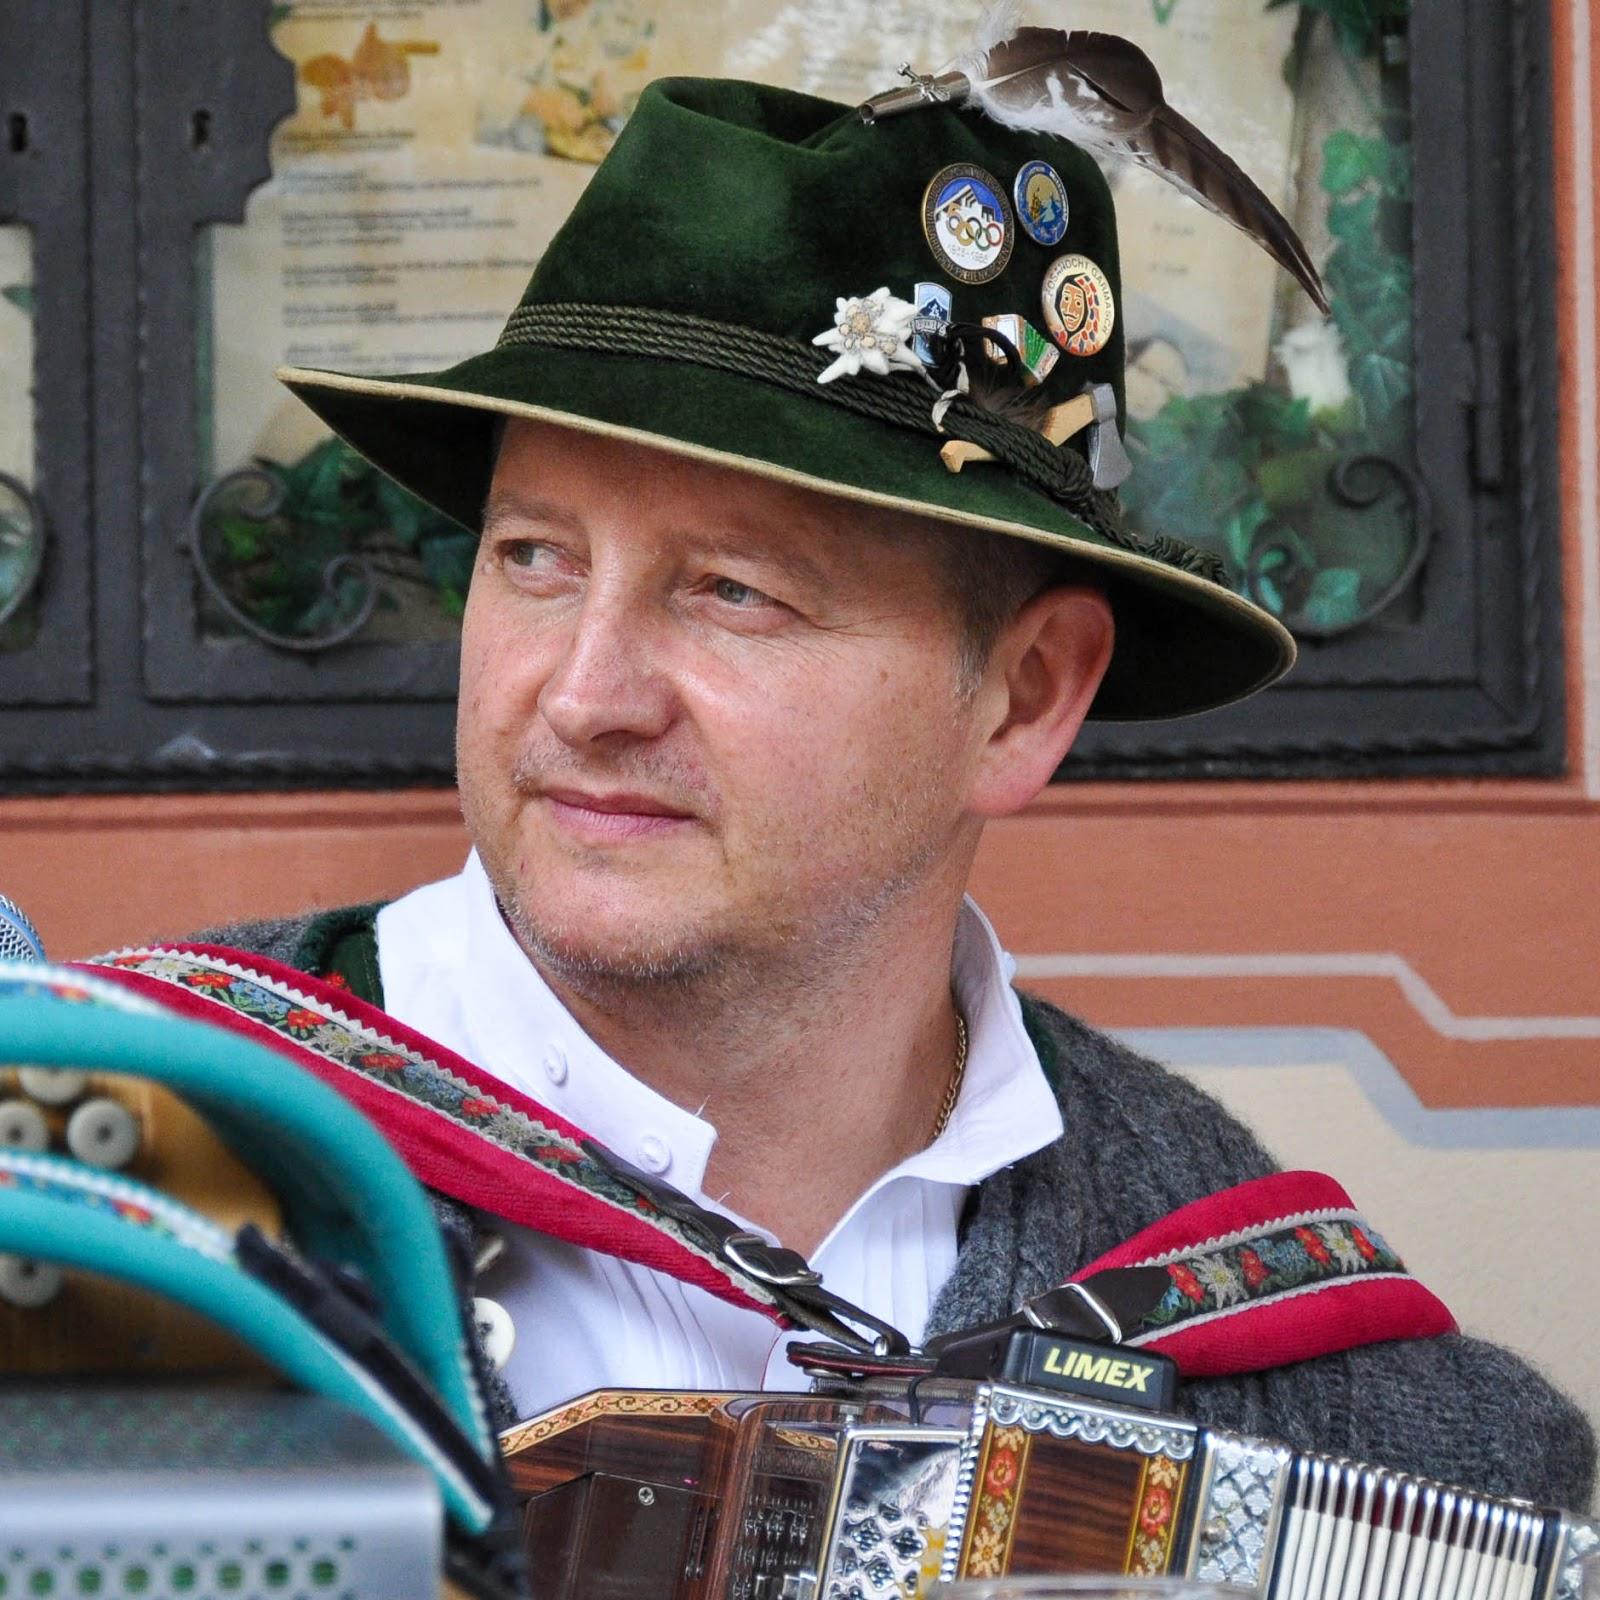 Bavarian folk-singer, Garmisch-Parternkirchen, Bavaria, Germany